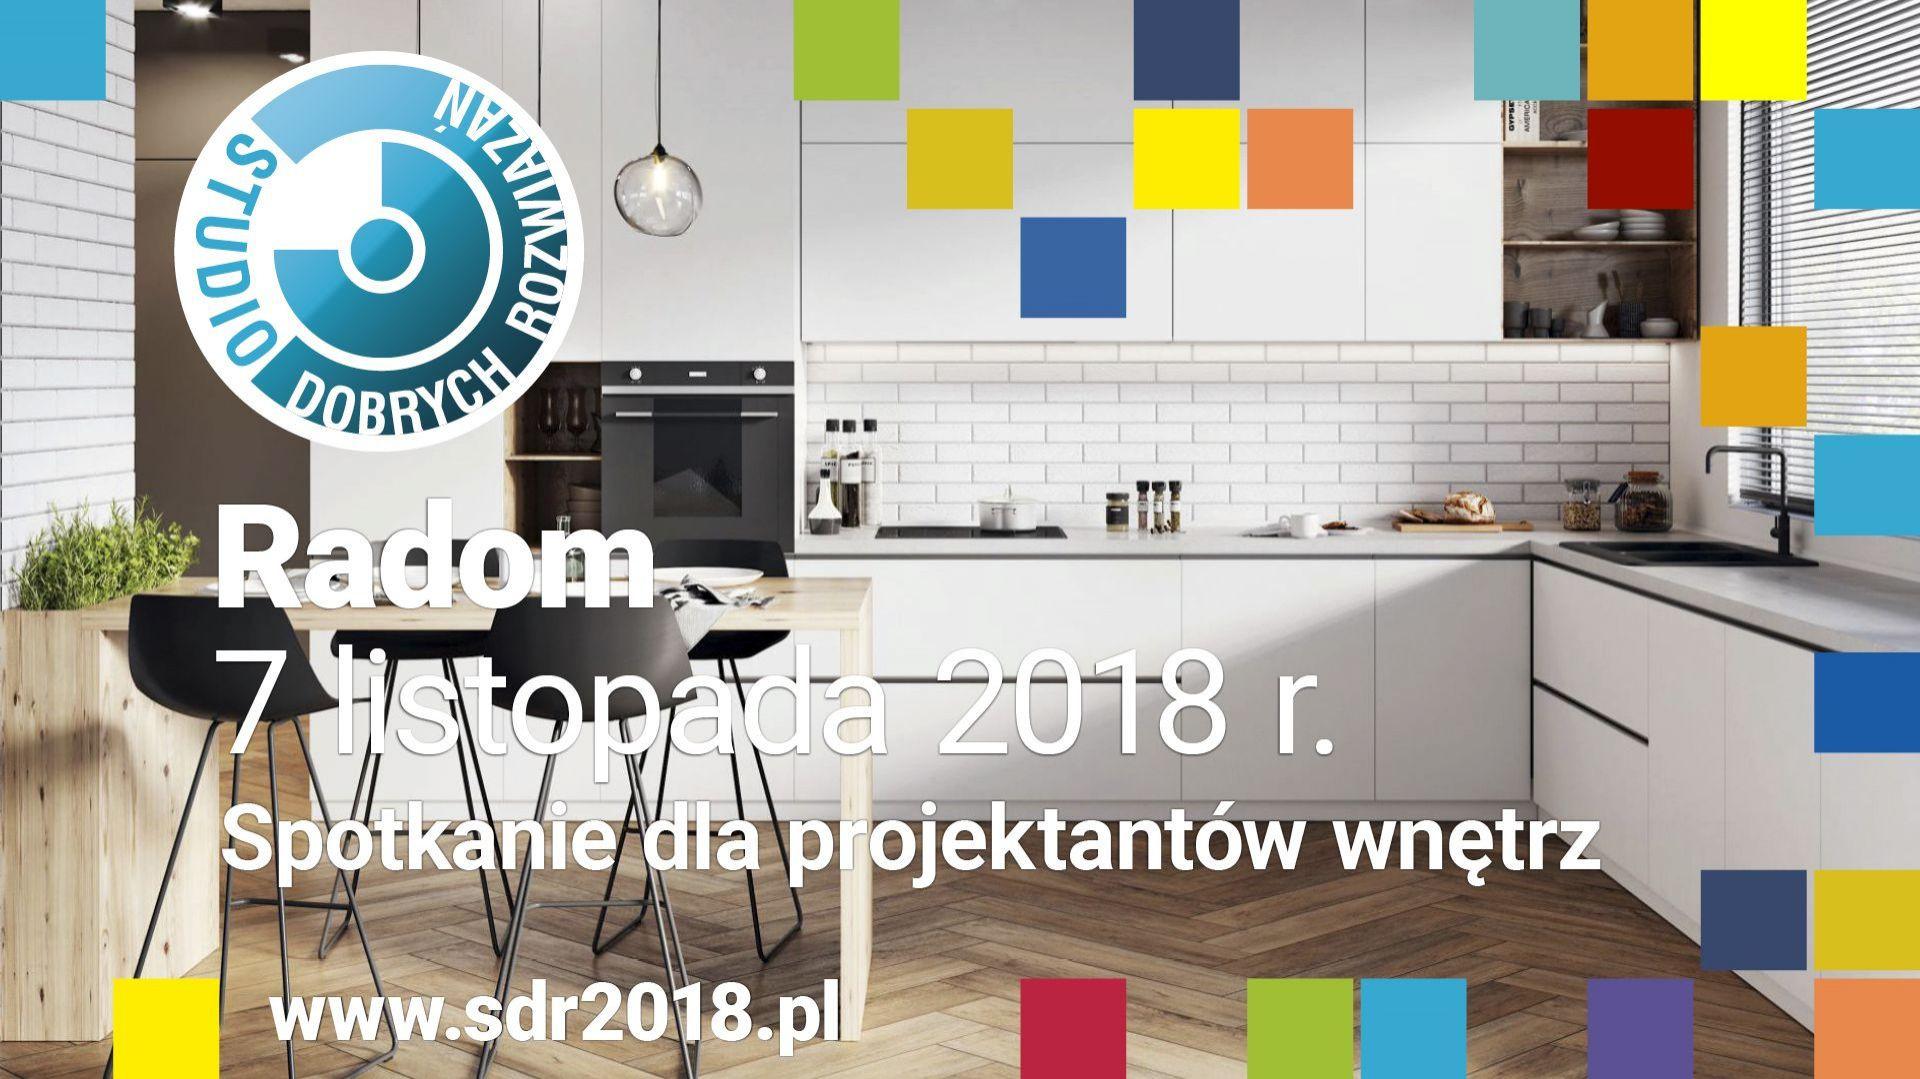 Studio Dobrych Rozwiązań w Radomiu - zapraszamy 7 listopada.